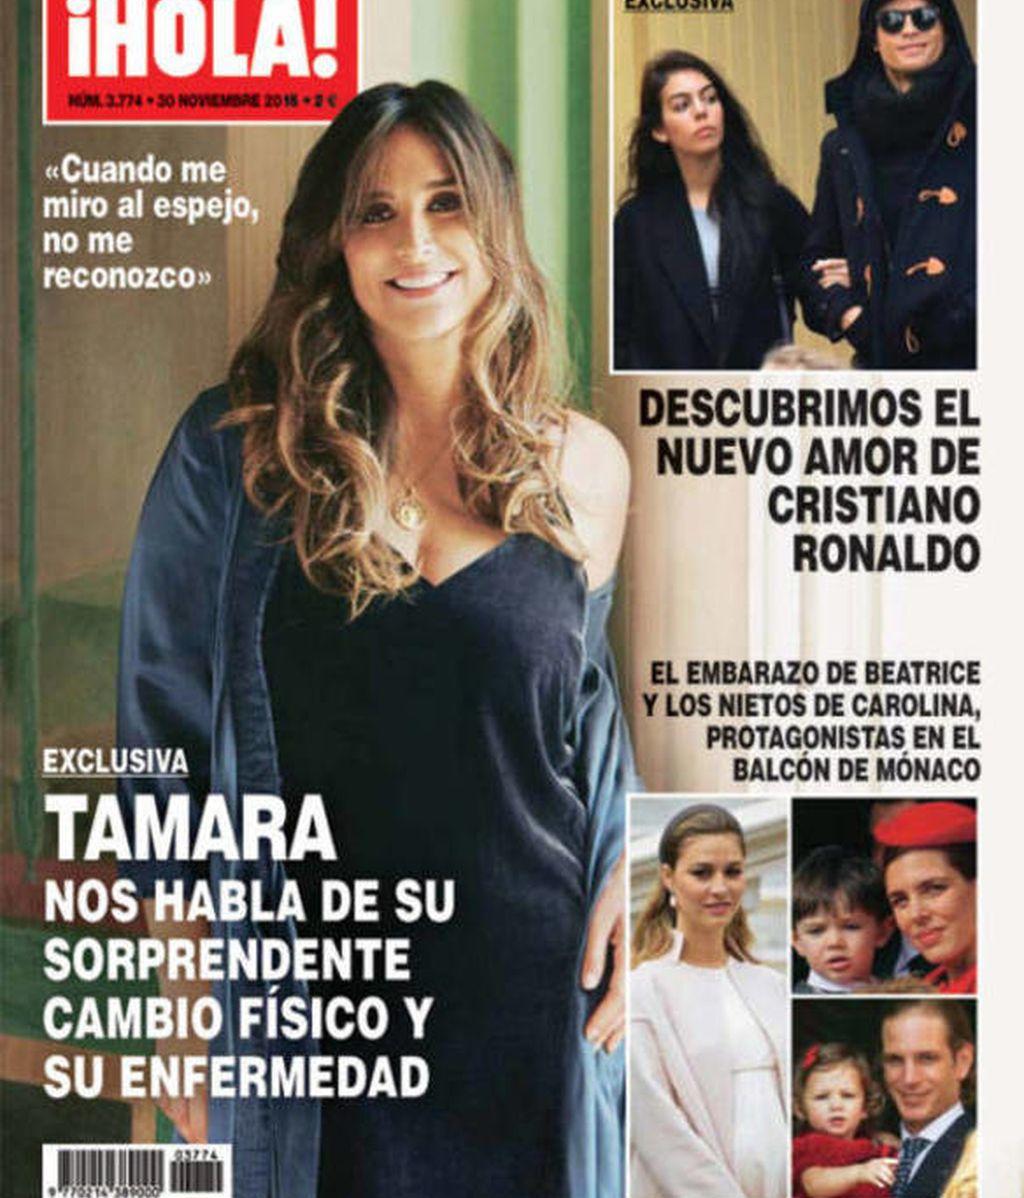 Tamará Falcó, portada de '¡Hola!'